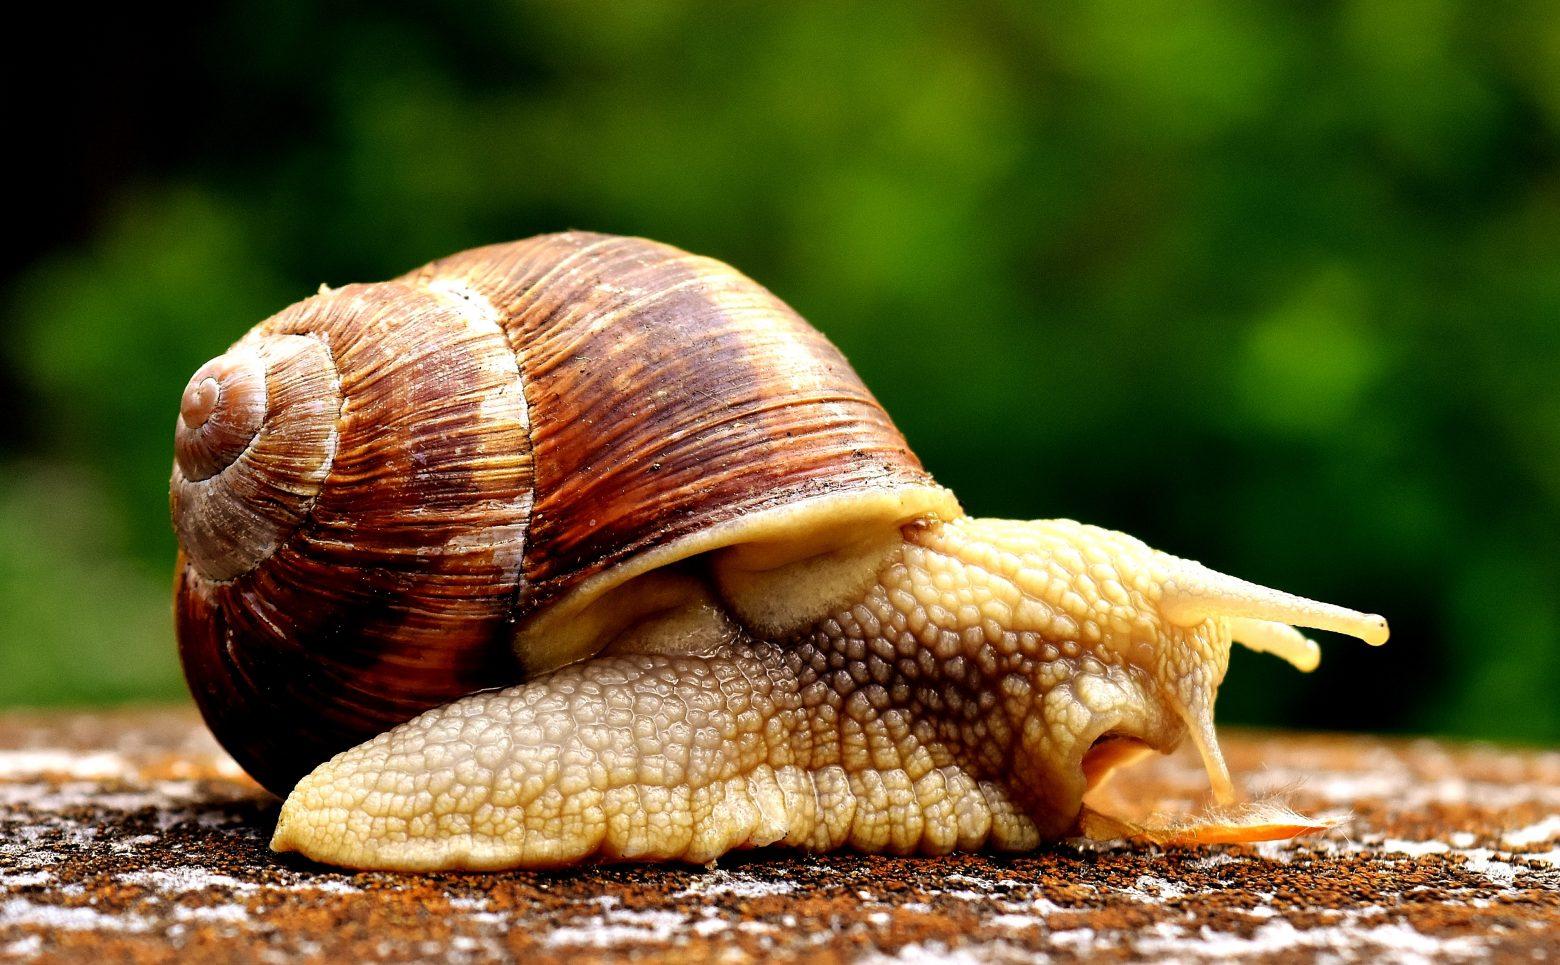 snail-2331169